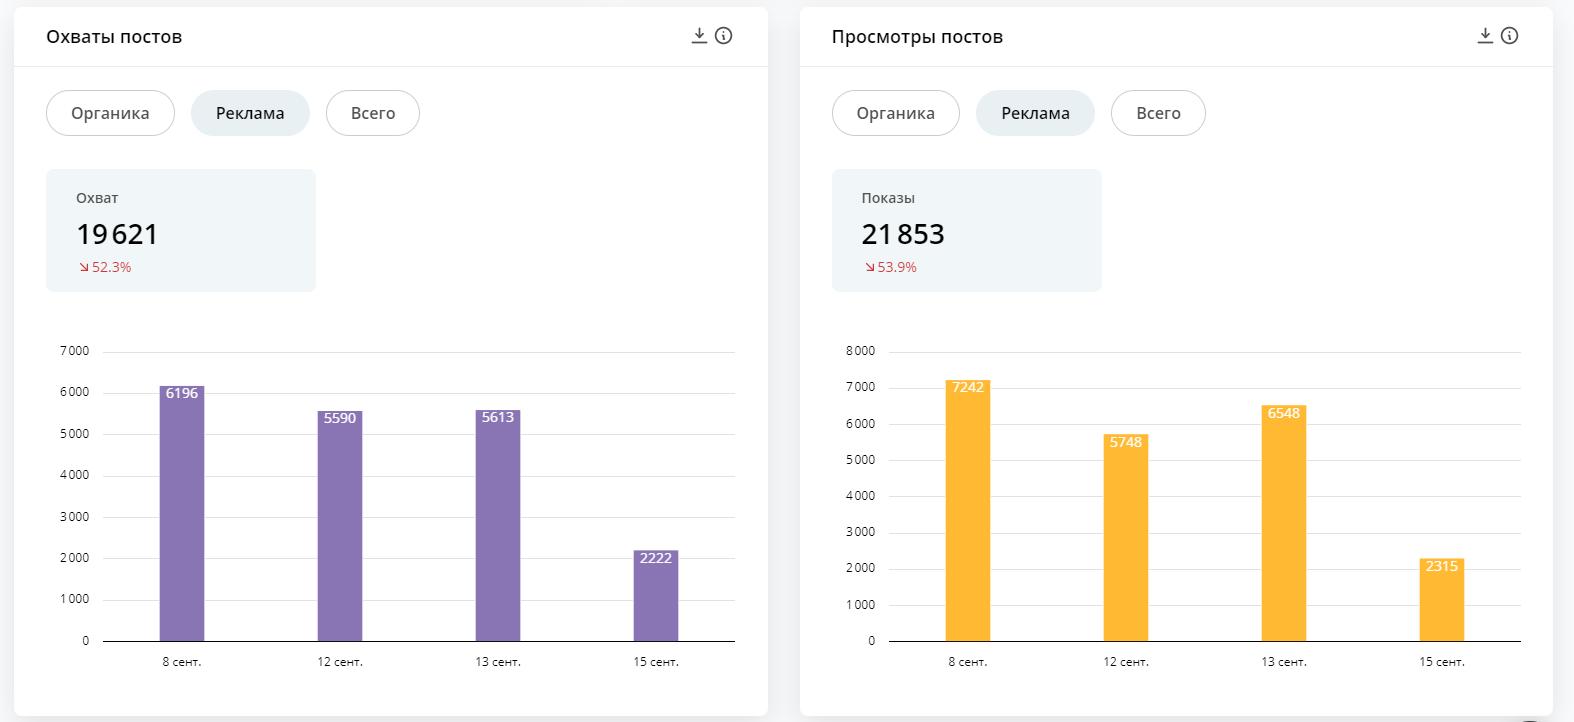 Измерять и сравнивать метрики просмотров и охватов удобно в сервисе динамических отчётов DataFan. Разбивка на органический и рекламный охват позволяет оценить эффективность продвижения.